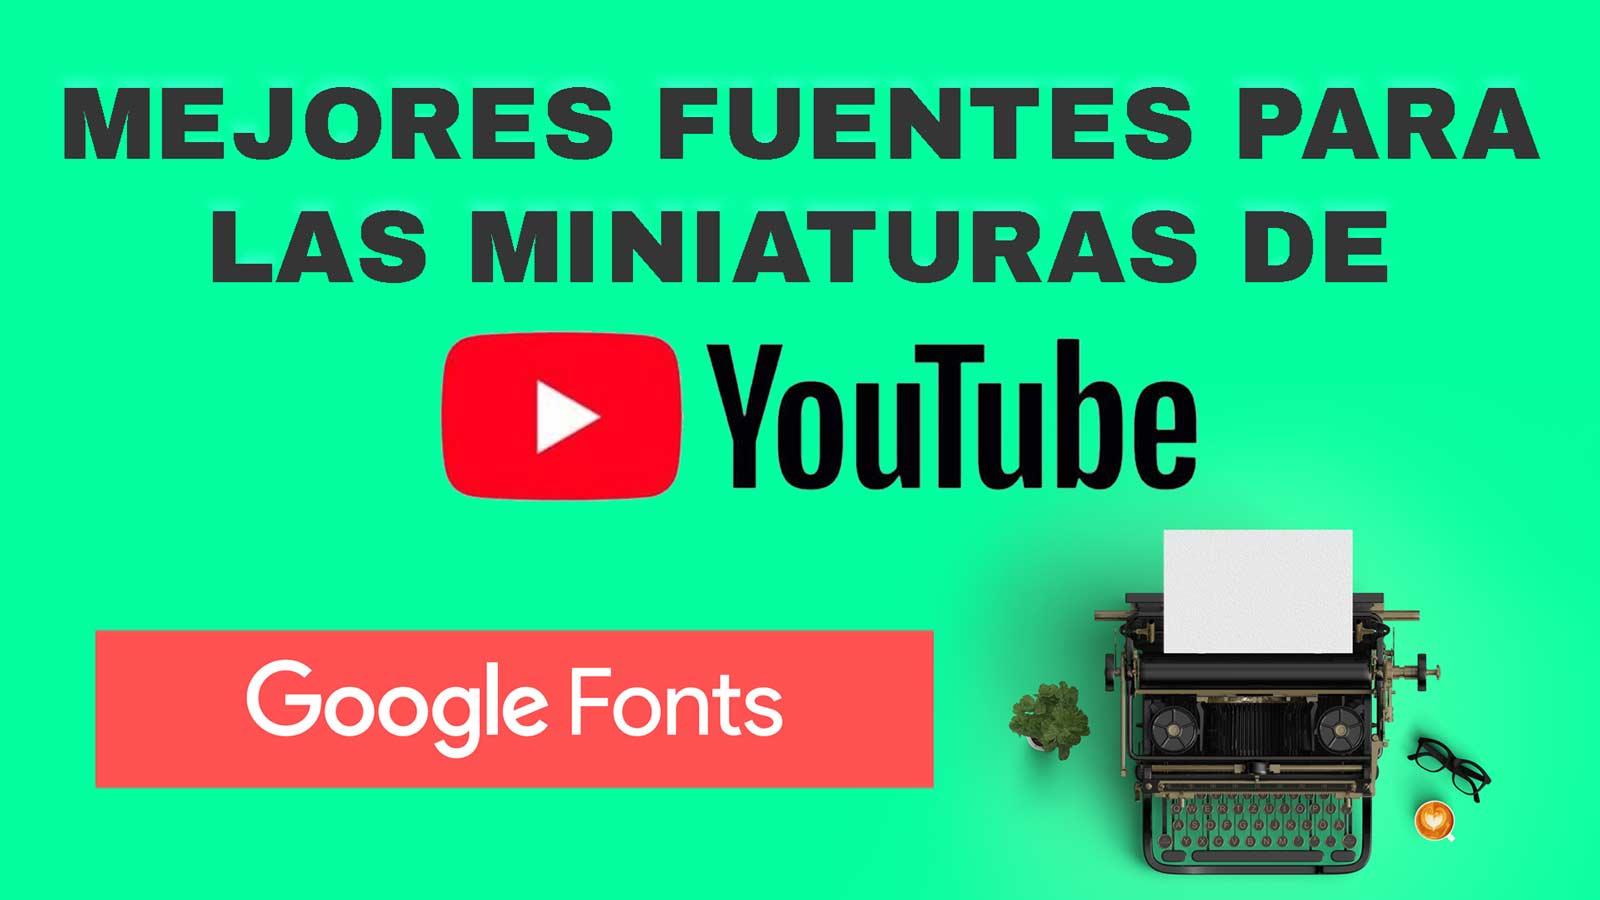 Fuentes Para Las Miniaturas De Youtube Listado Recomendado